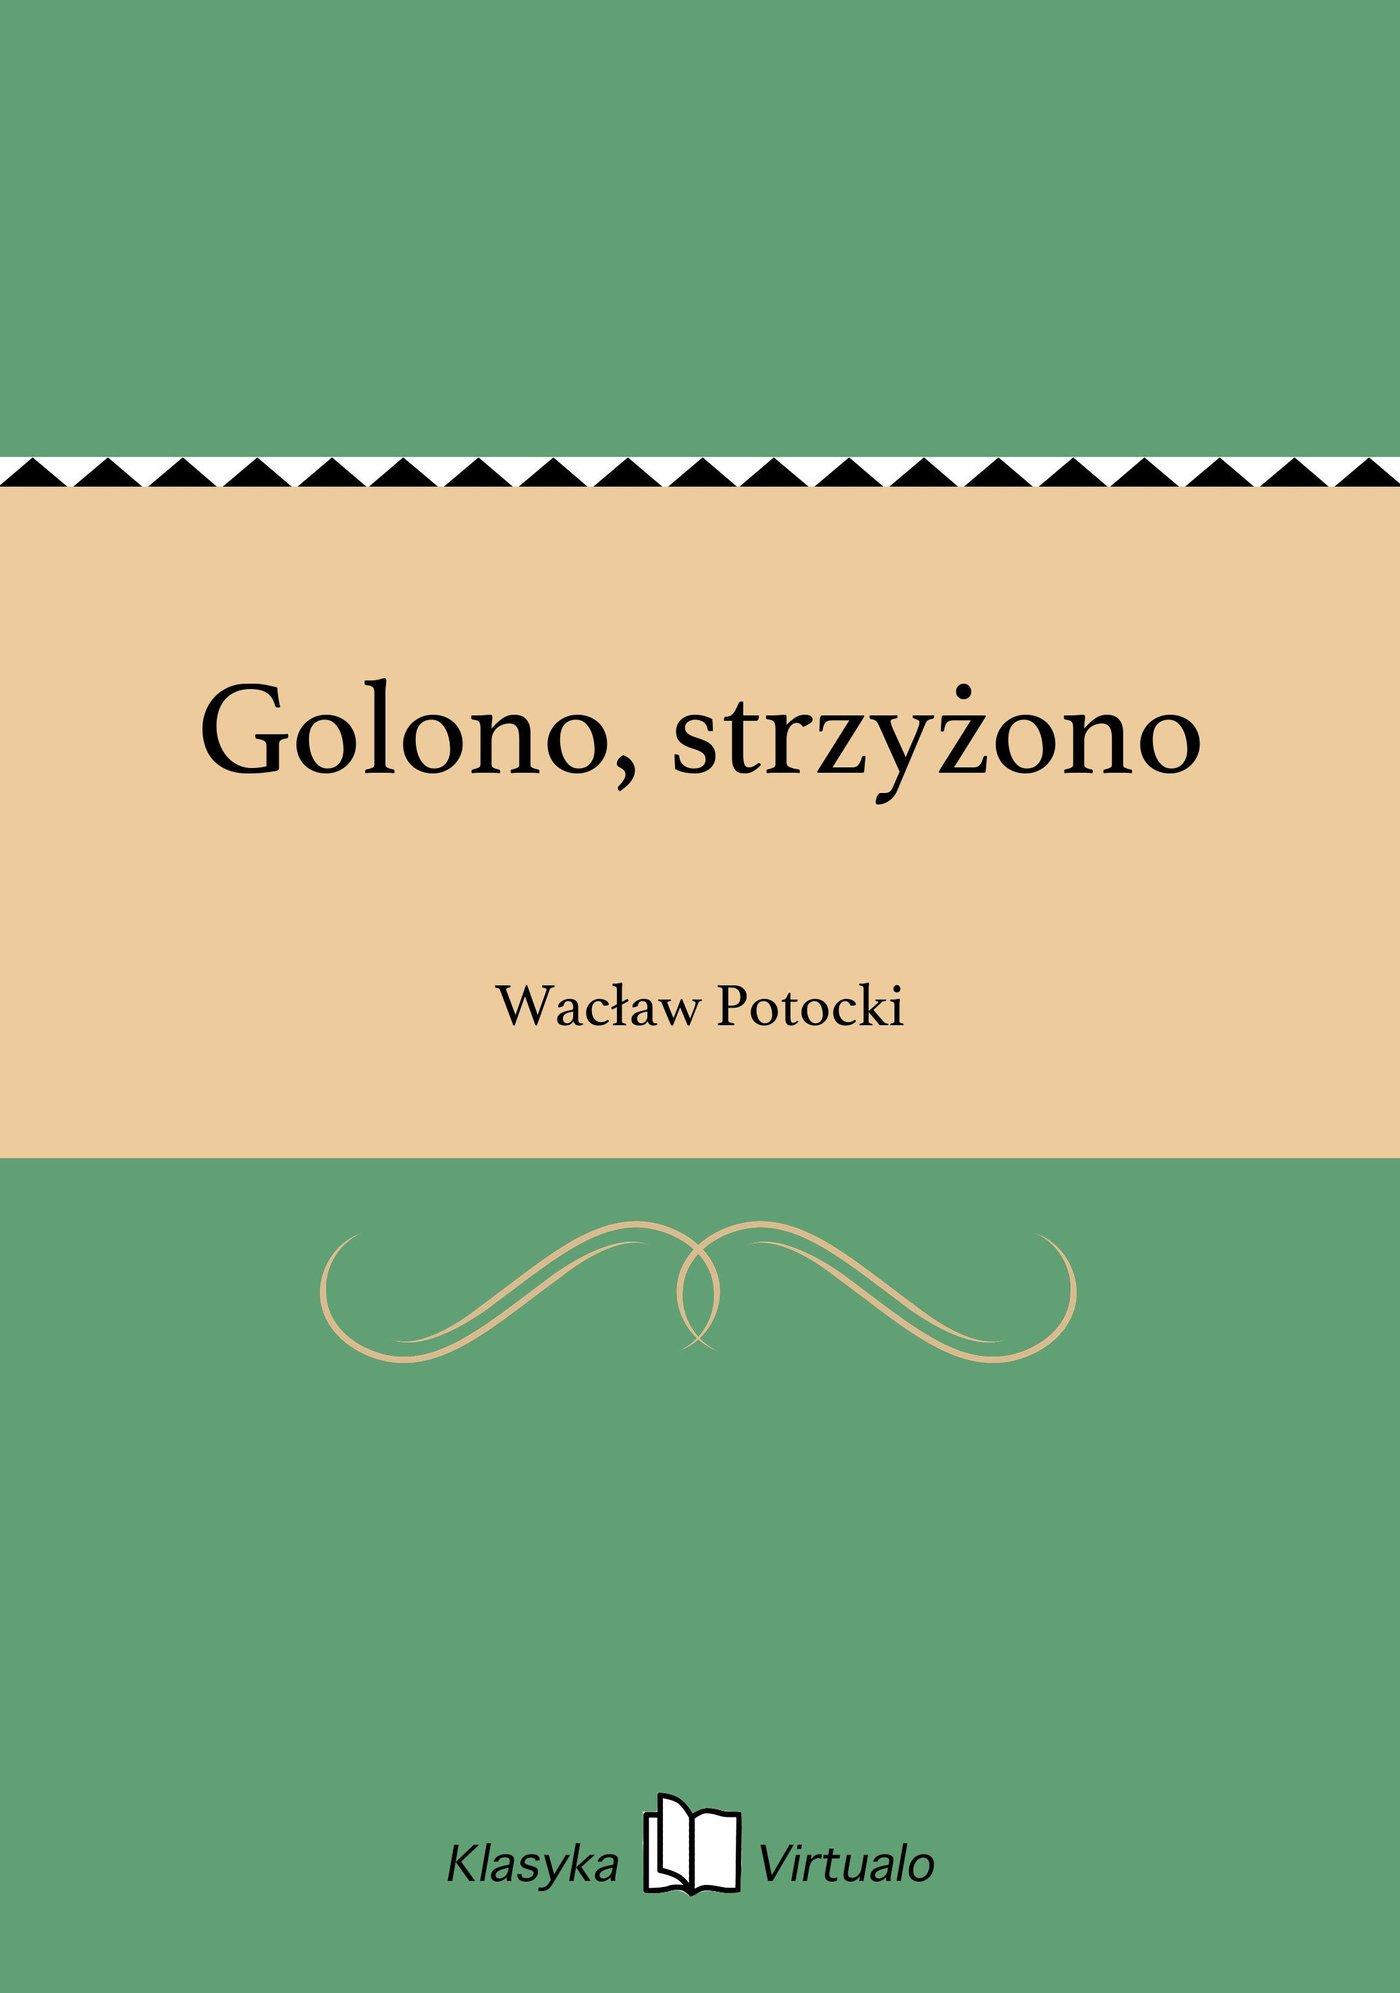 Golono, strzyżono - Ebook (Książka EPUB) do pobrania w formacie EPUB